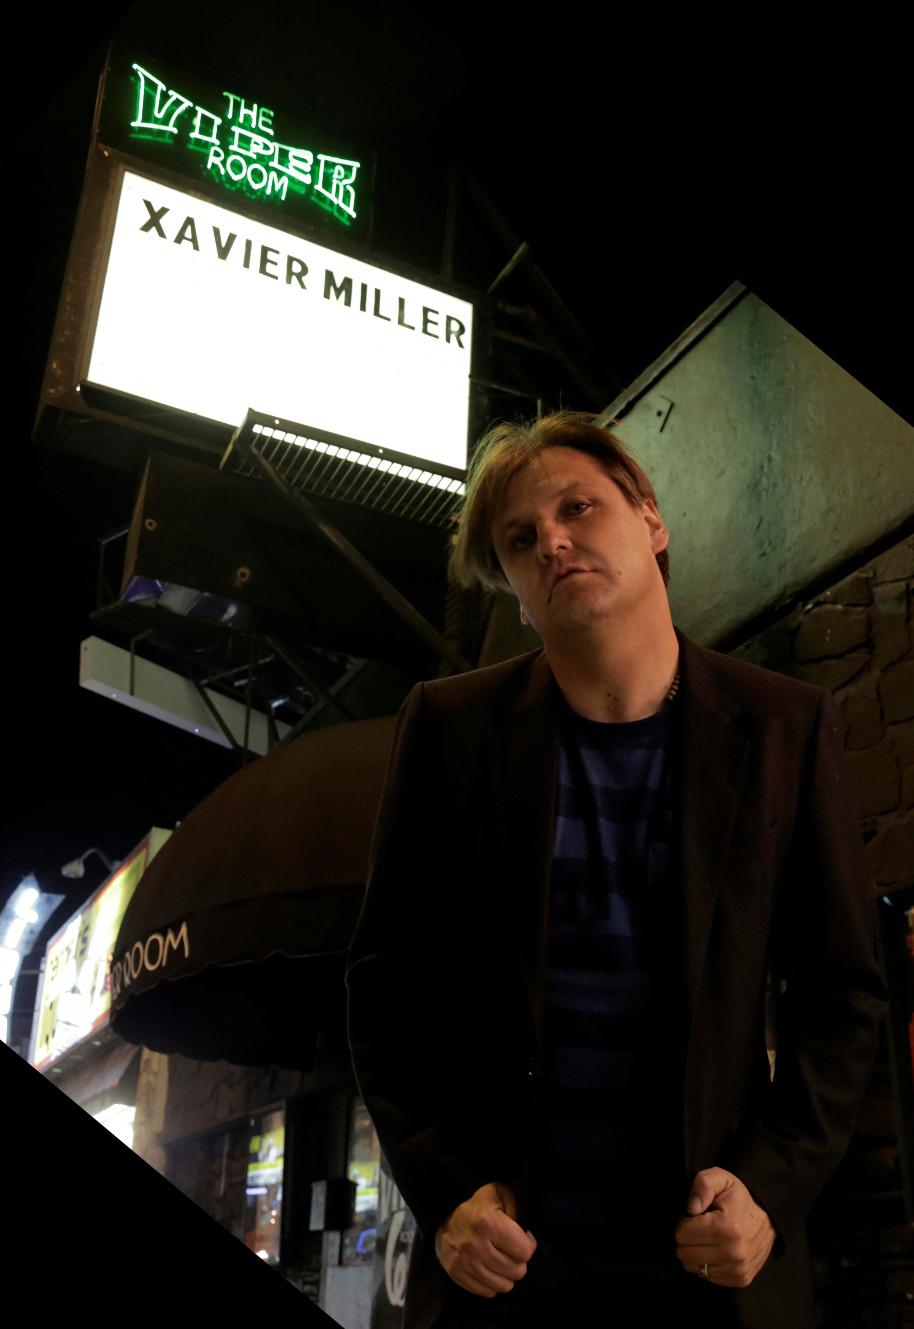 Xavier Miller